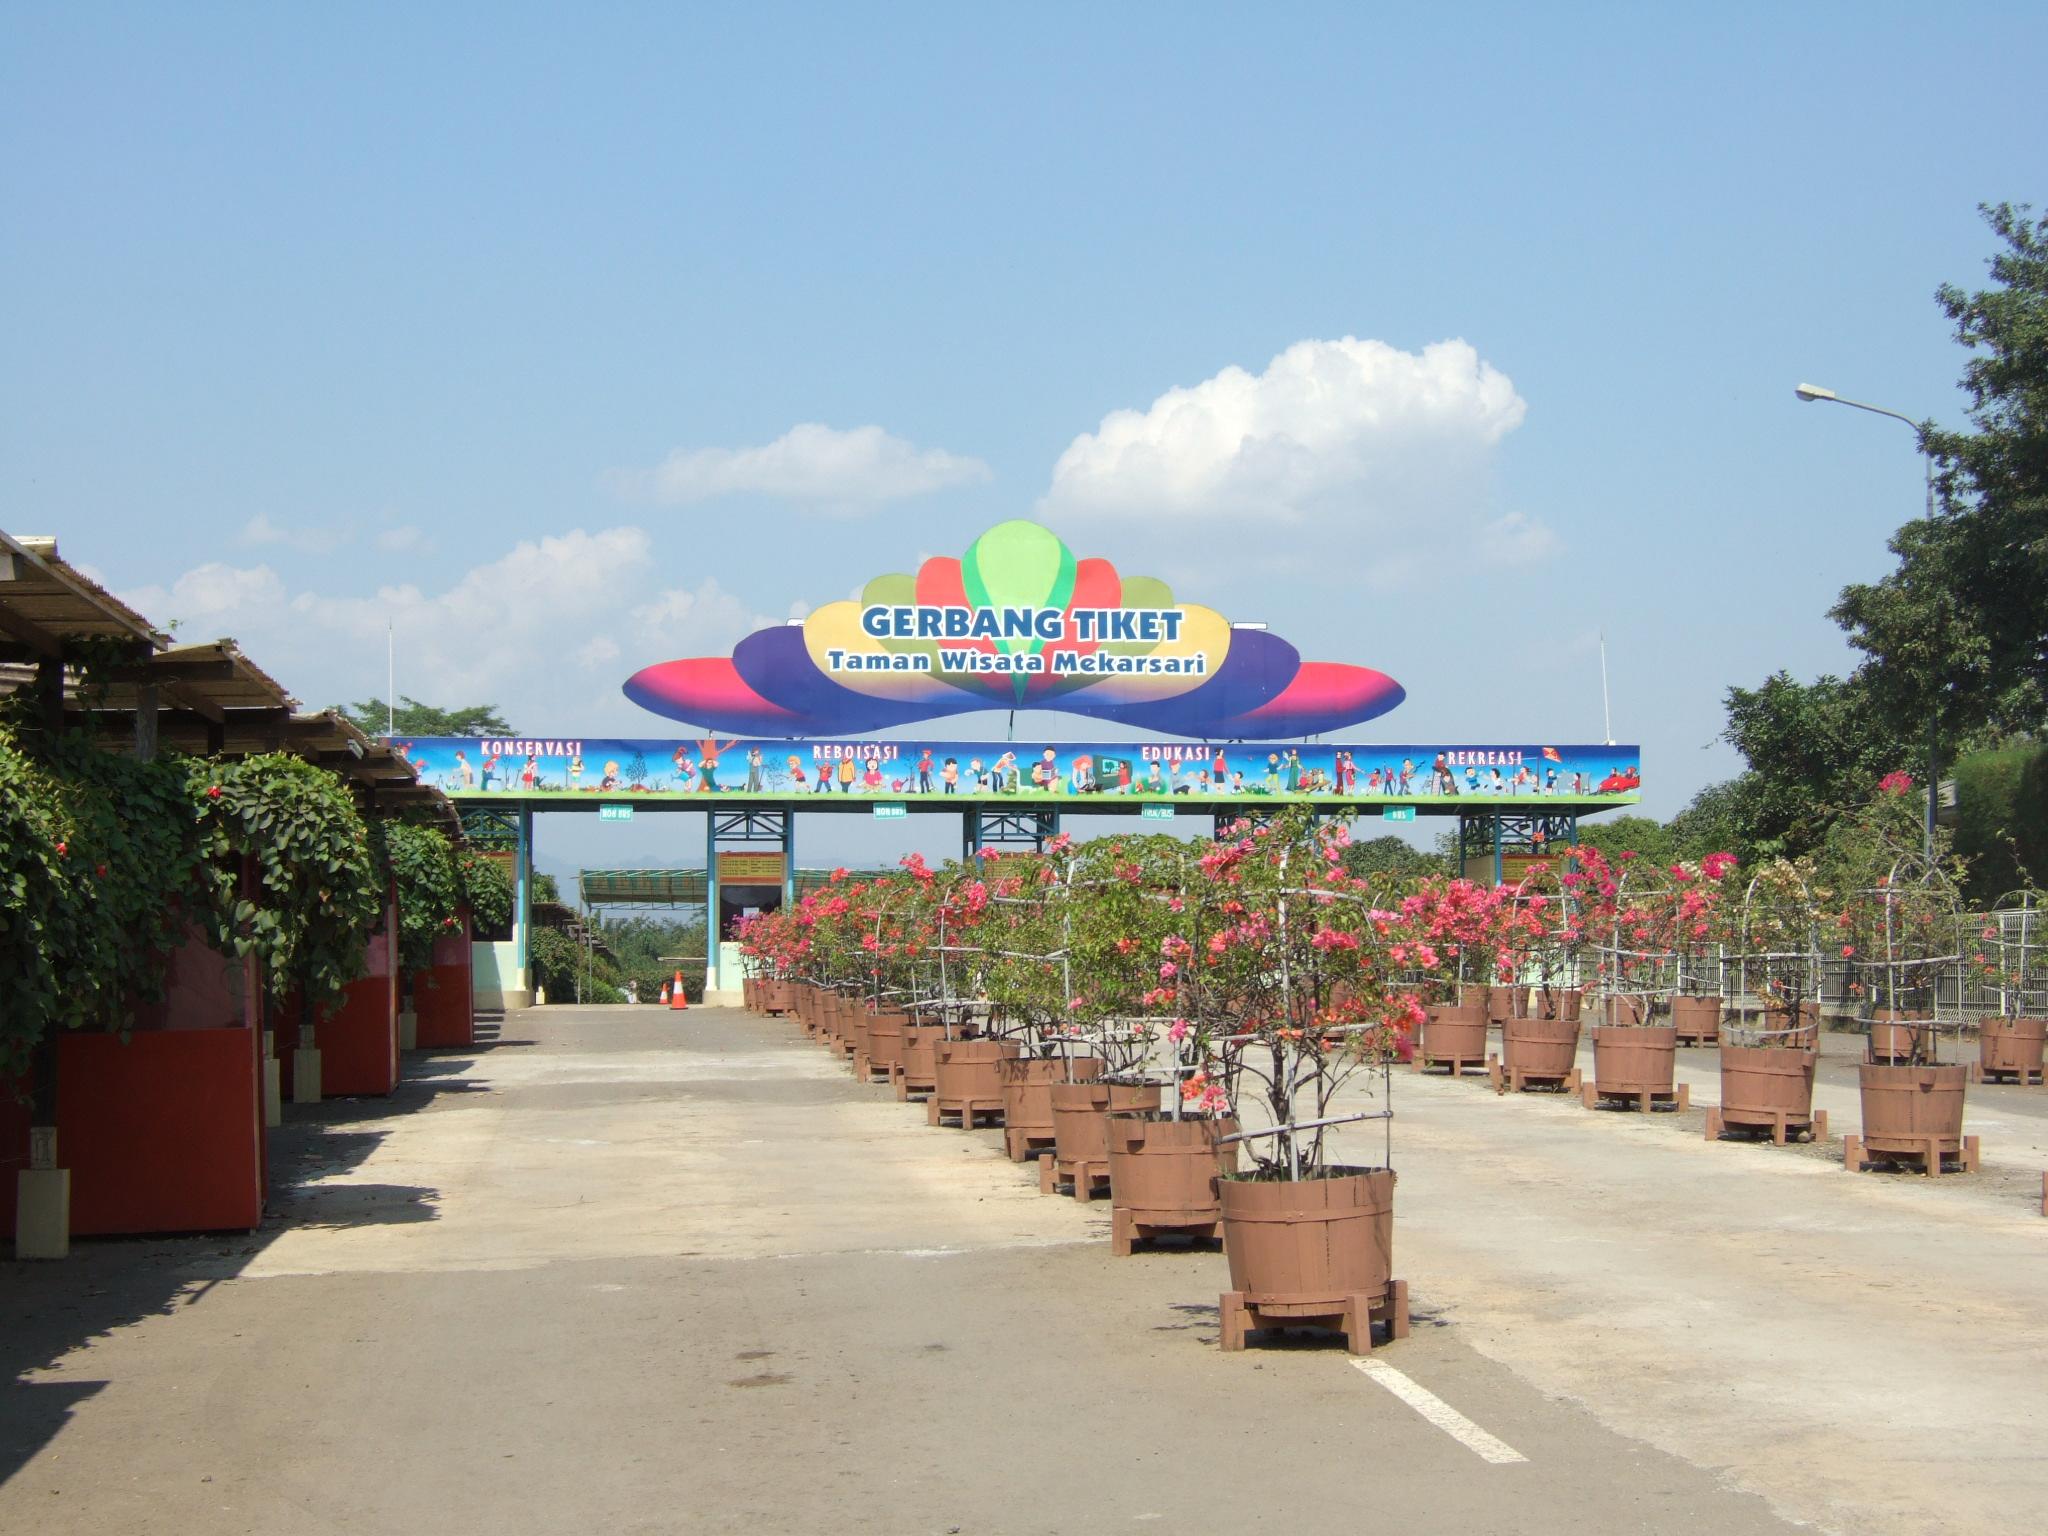 Daftar Tempat Wisata Indonesia Wikipedia Bahasa Pintu Gerbang Taman Mekarsari